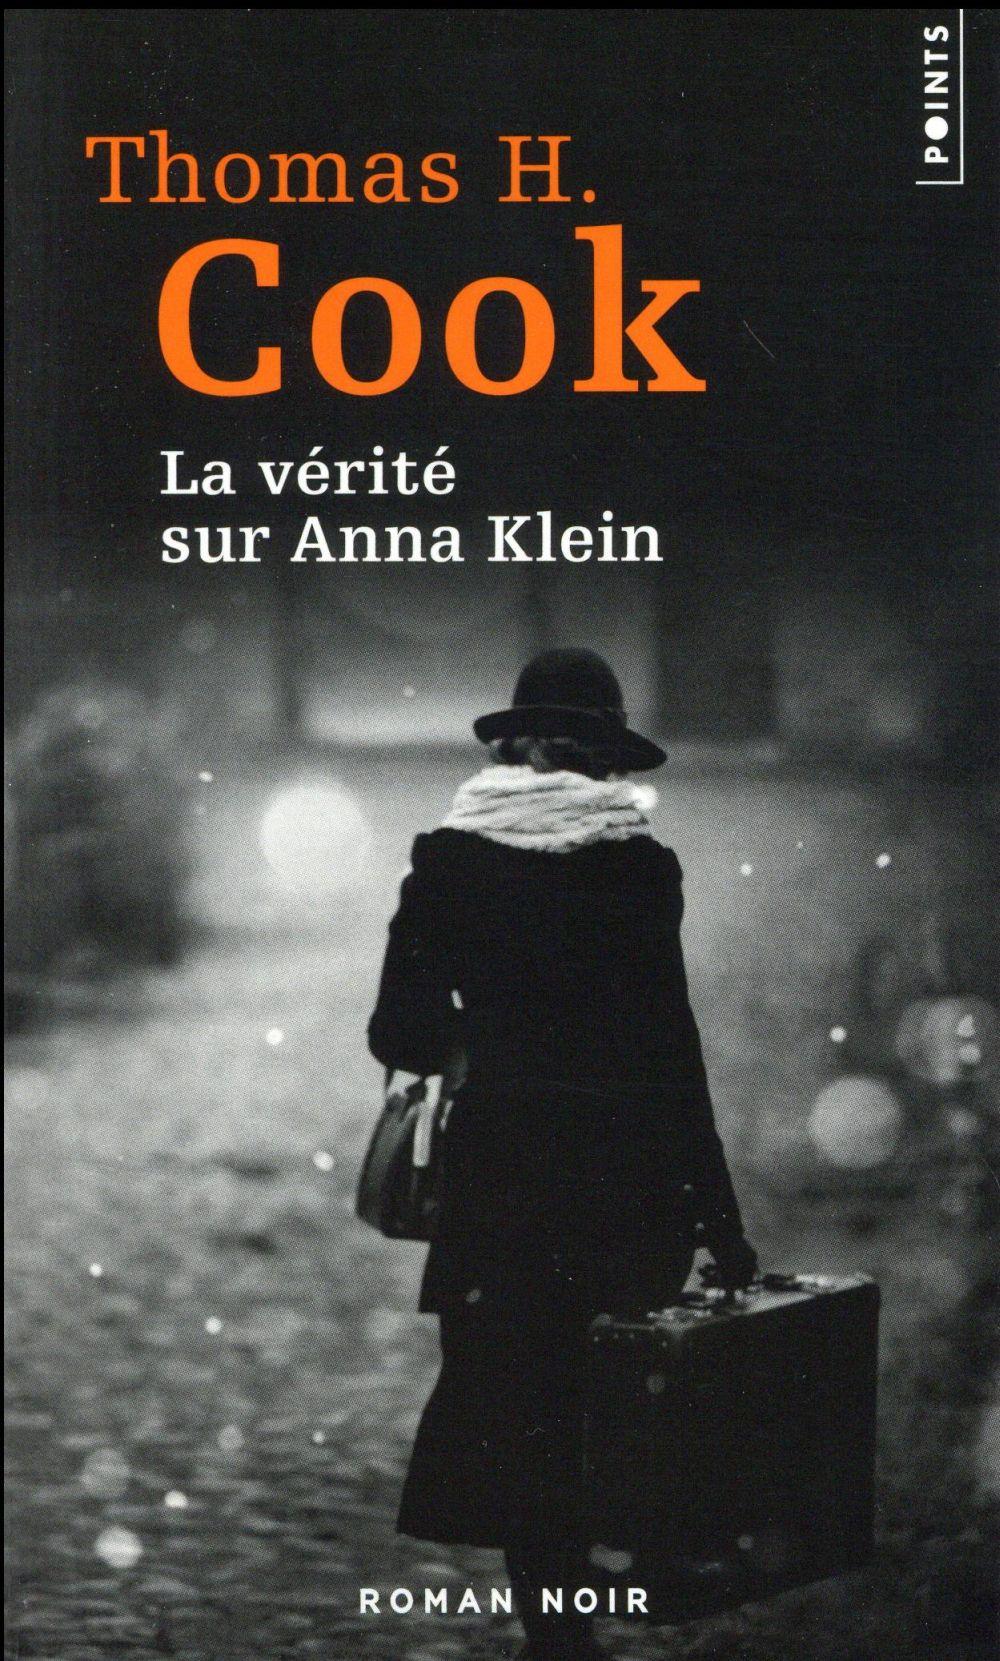 LA VERITE SUR ANNA KLEIN